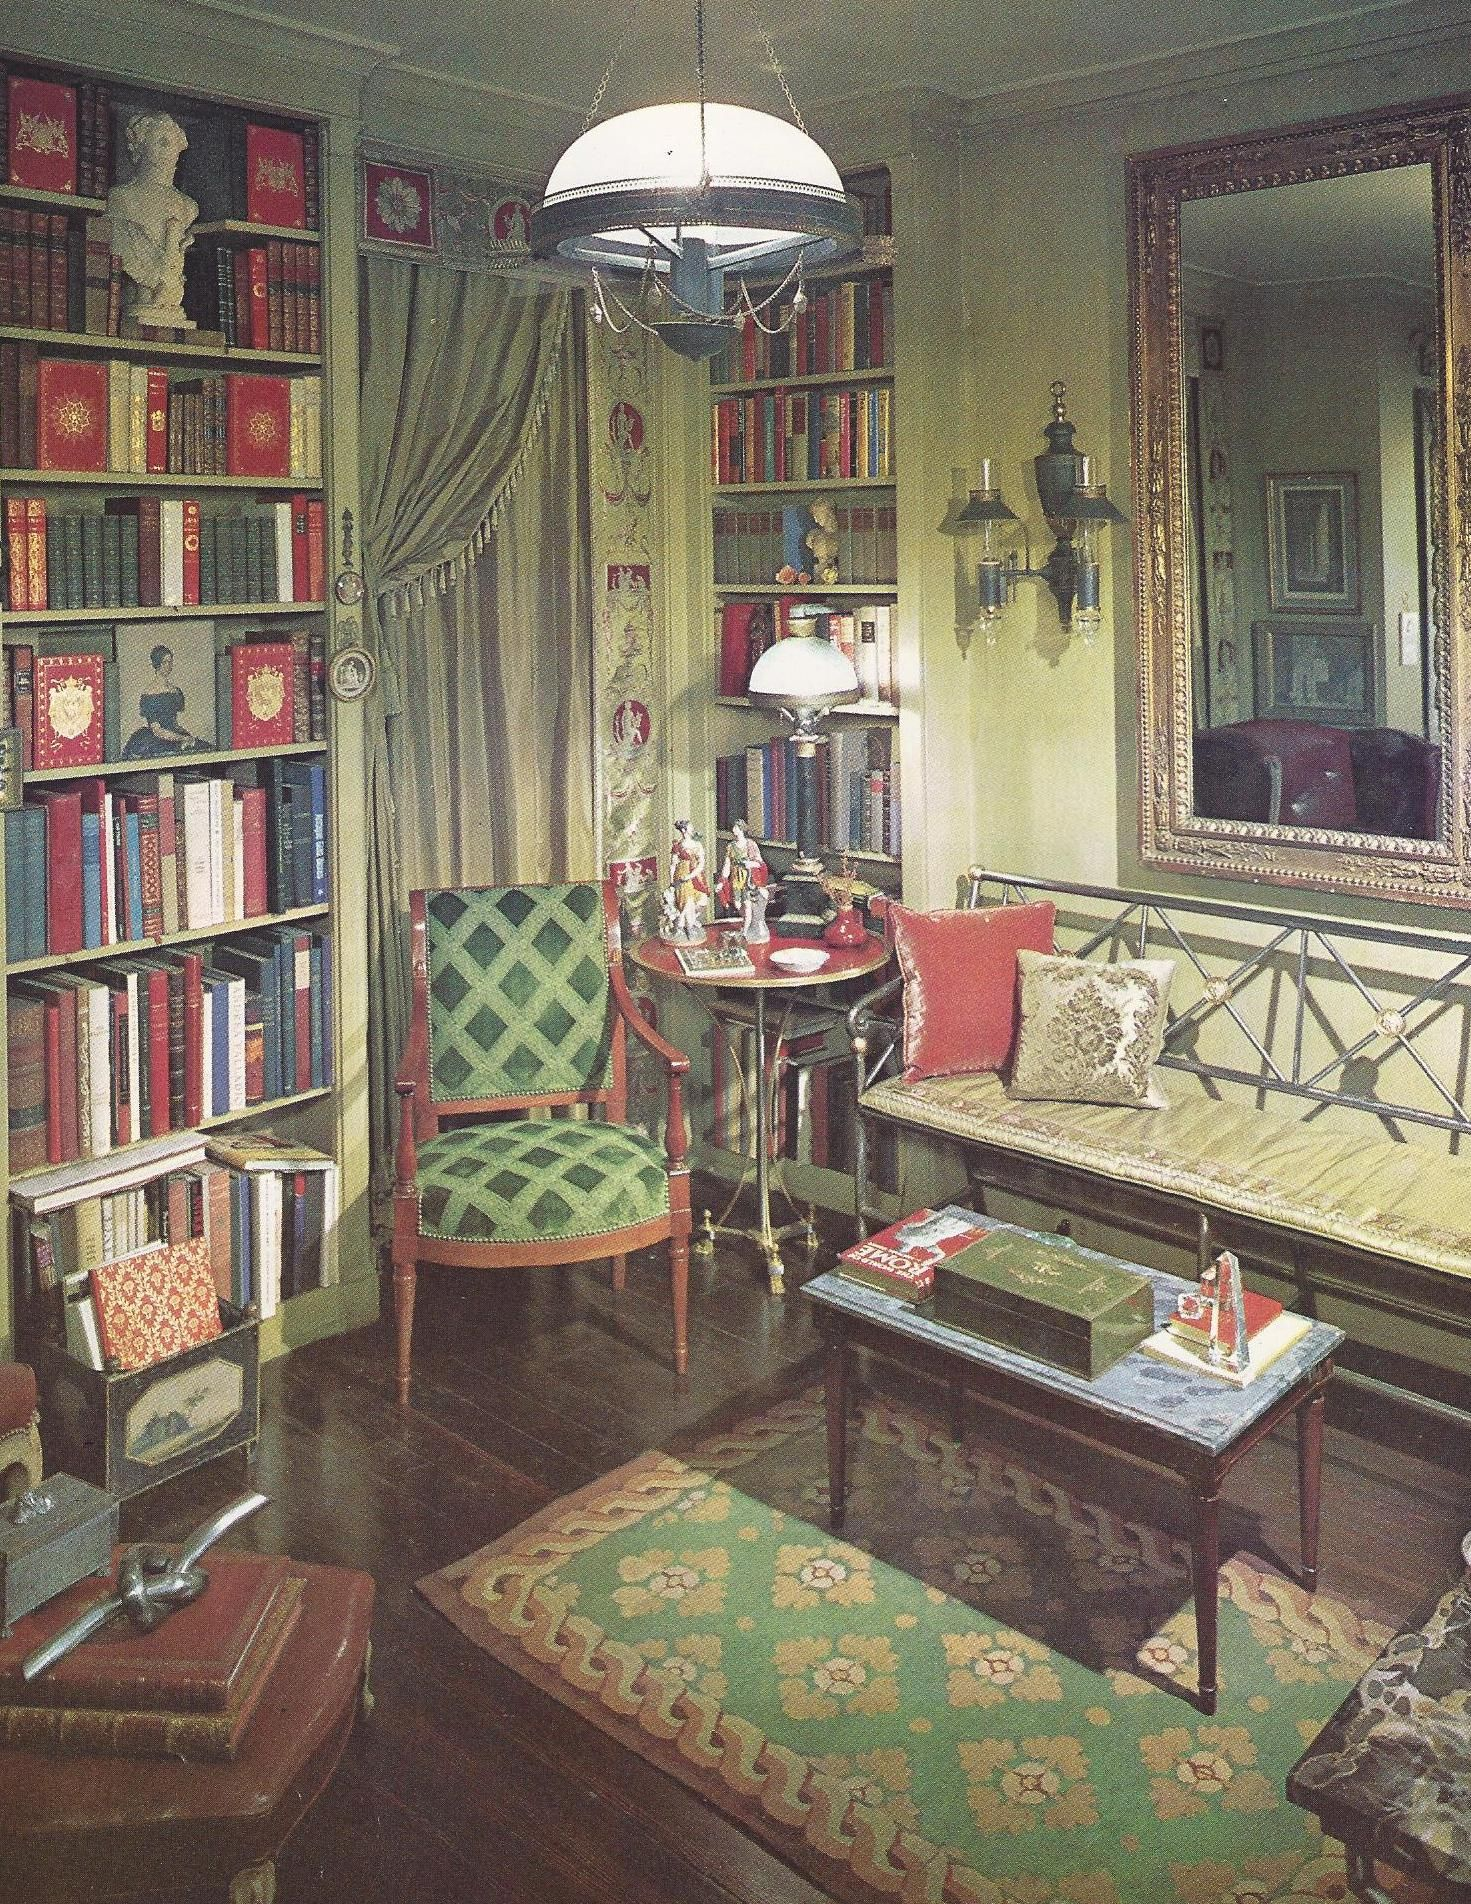 Vintage Home Interior Design: 1960s Vintage Home Decorating